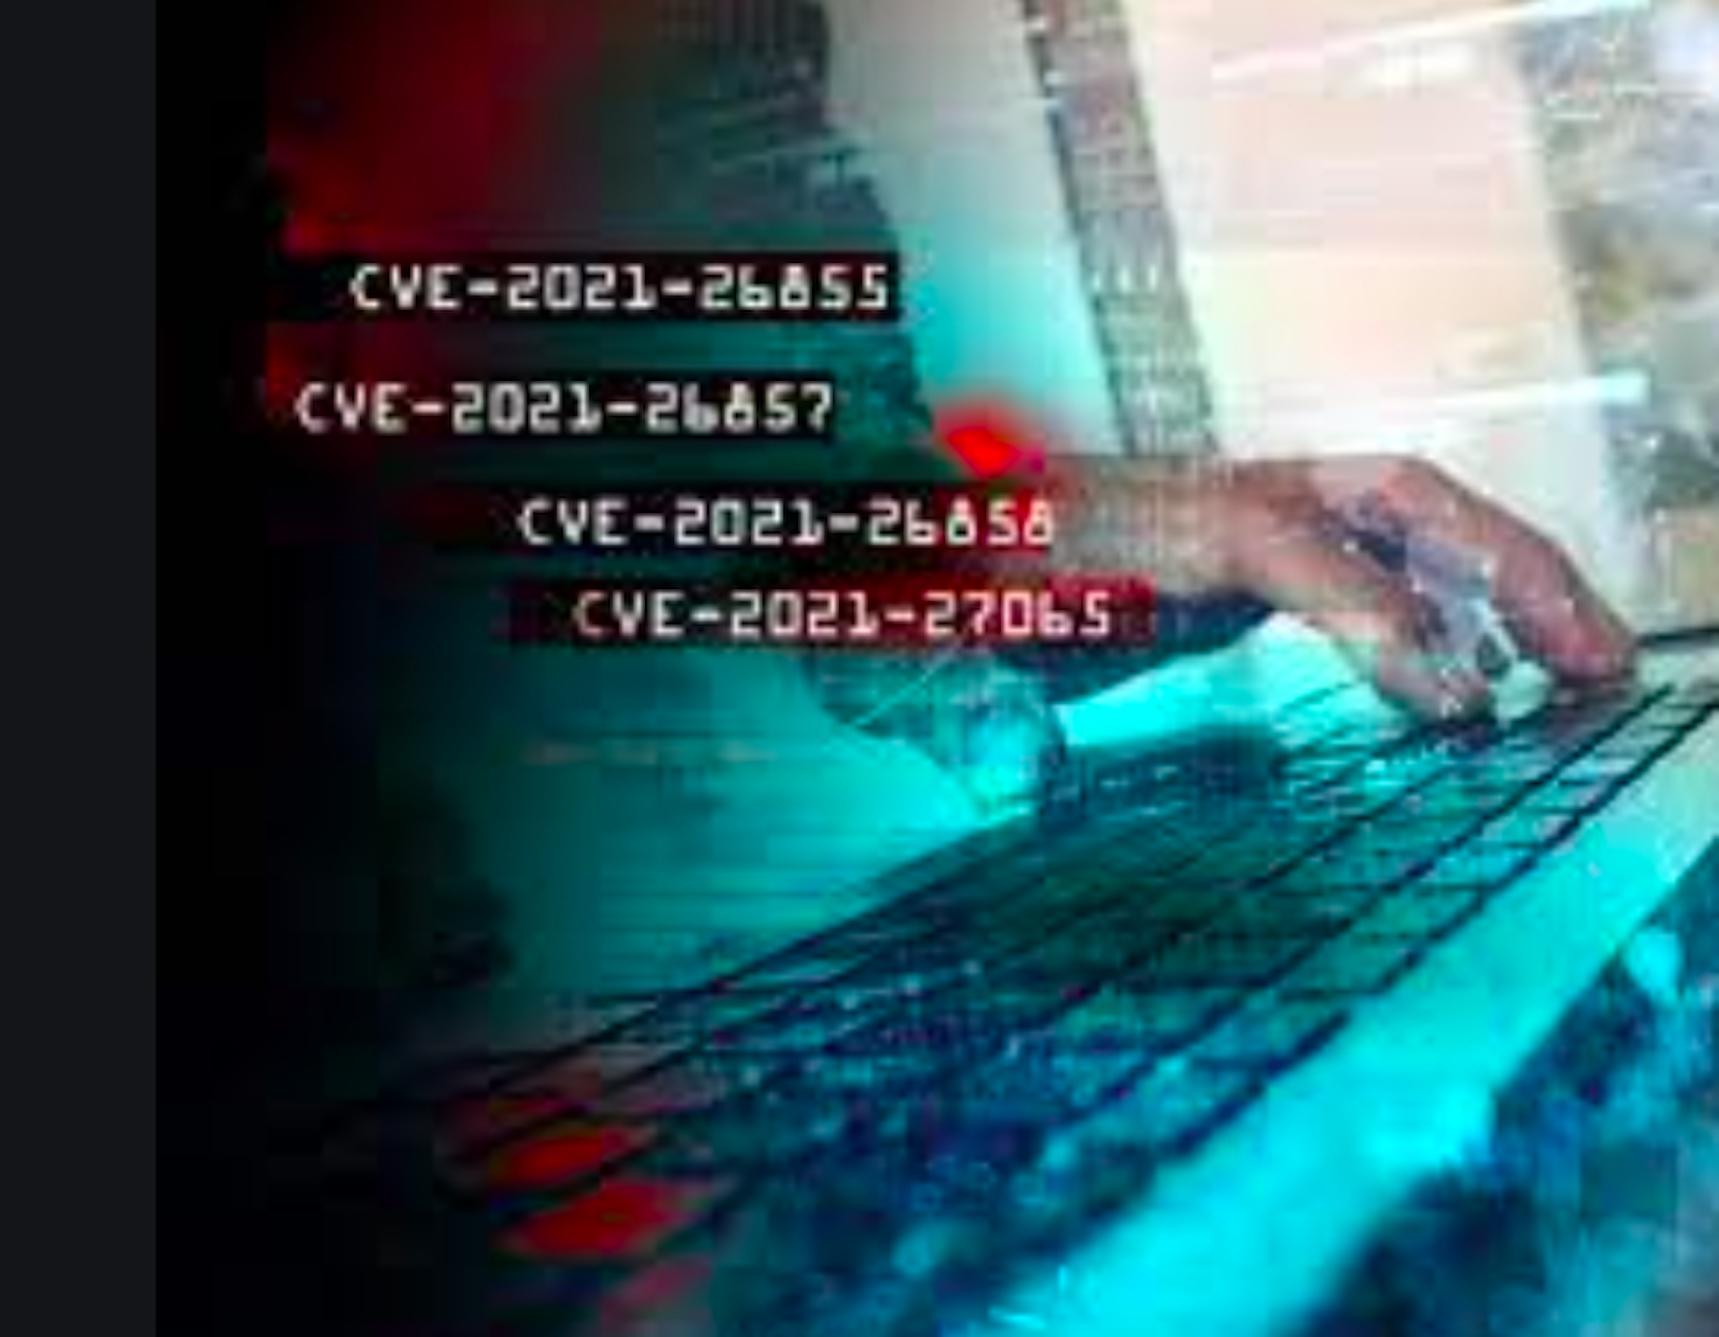 Códigos QR pueden ser la entrada de cualquier ciberataque  | Variedades | EL FRENTE